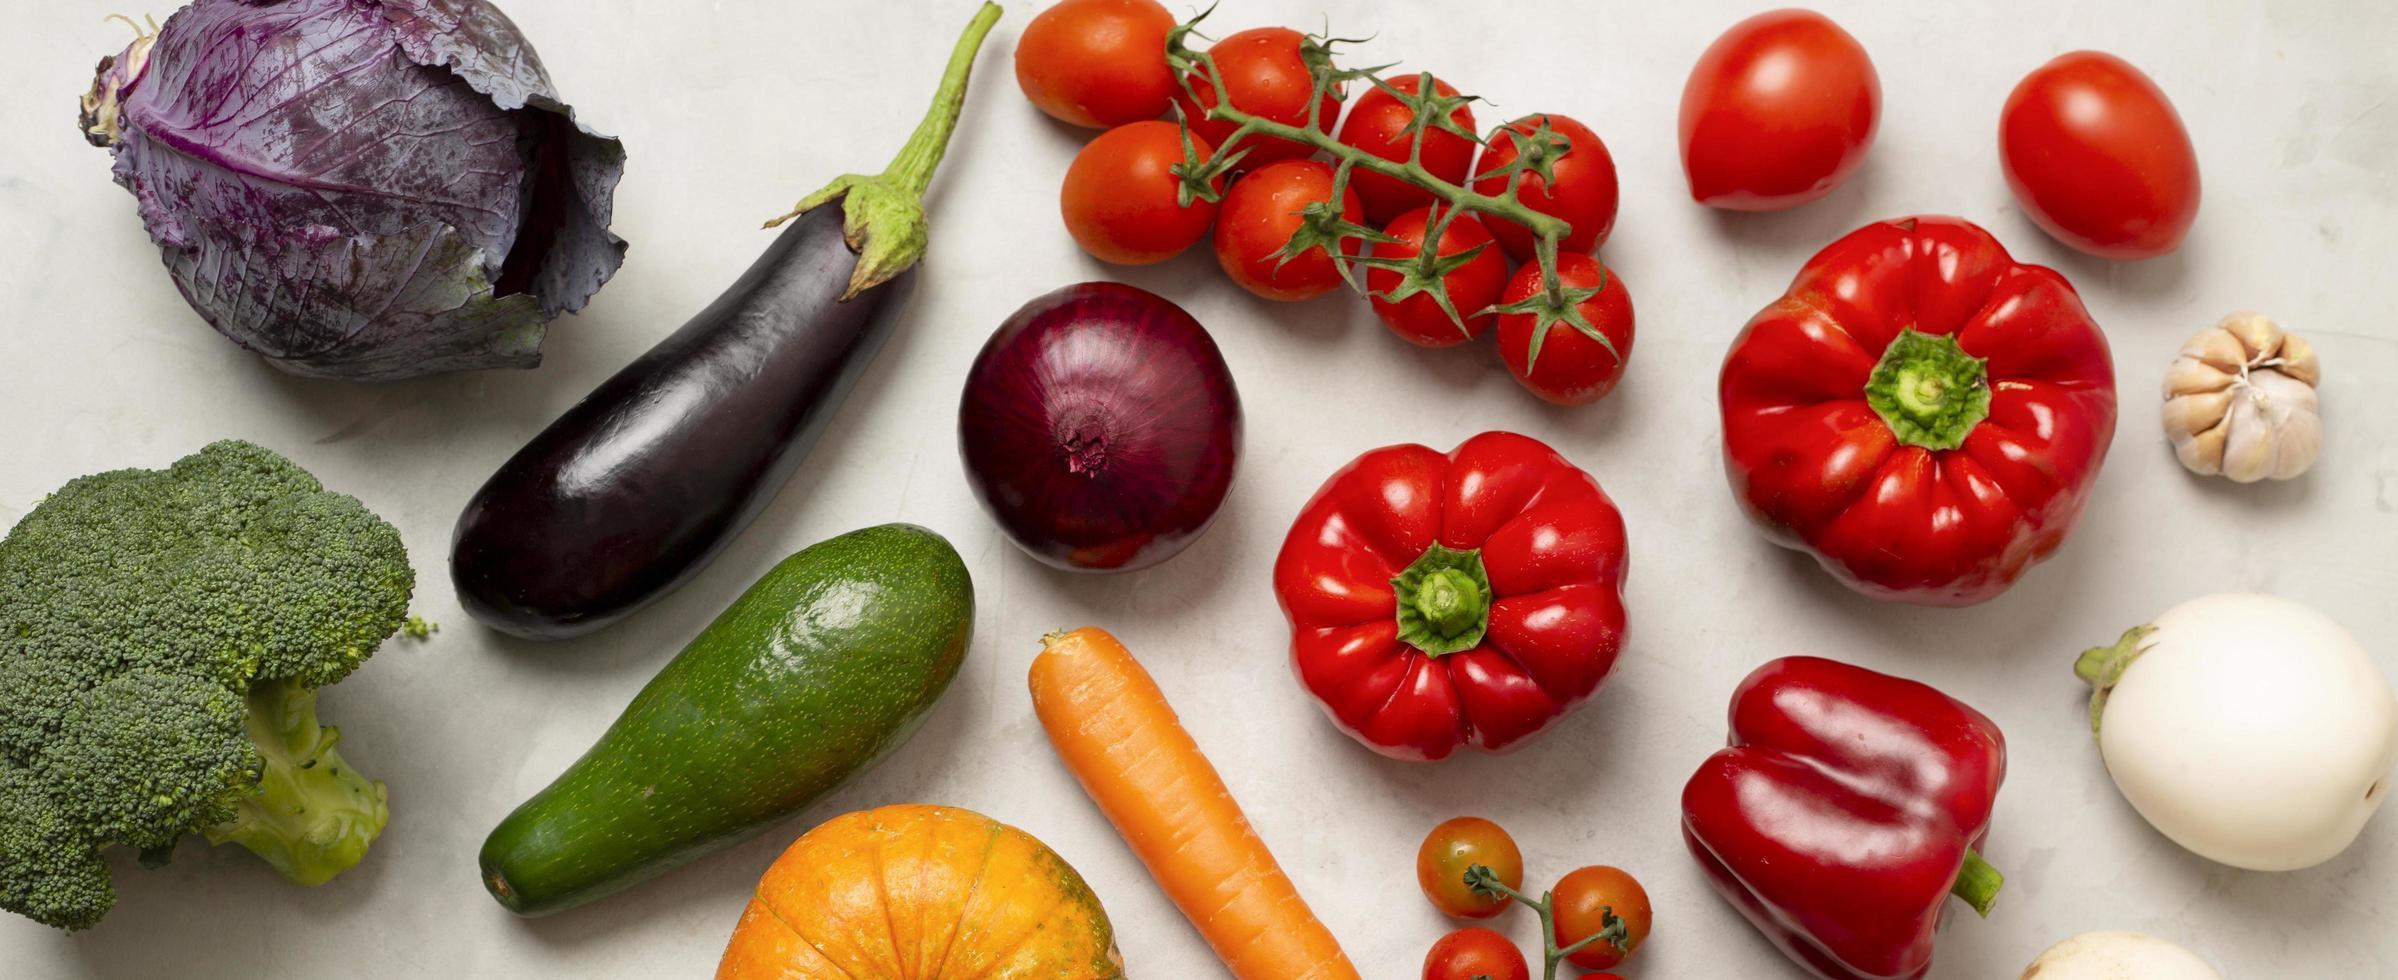 vue de dessus de légumes assortis photo